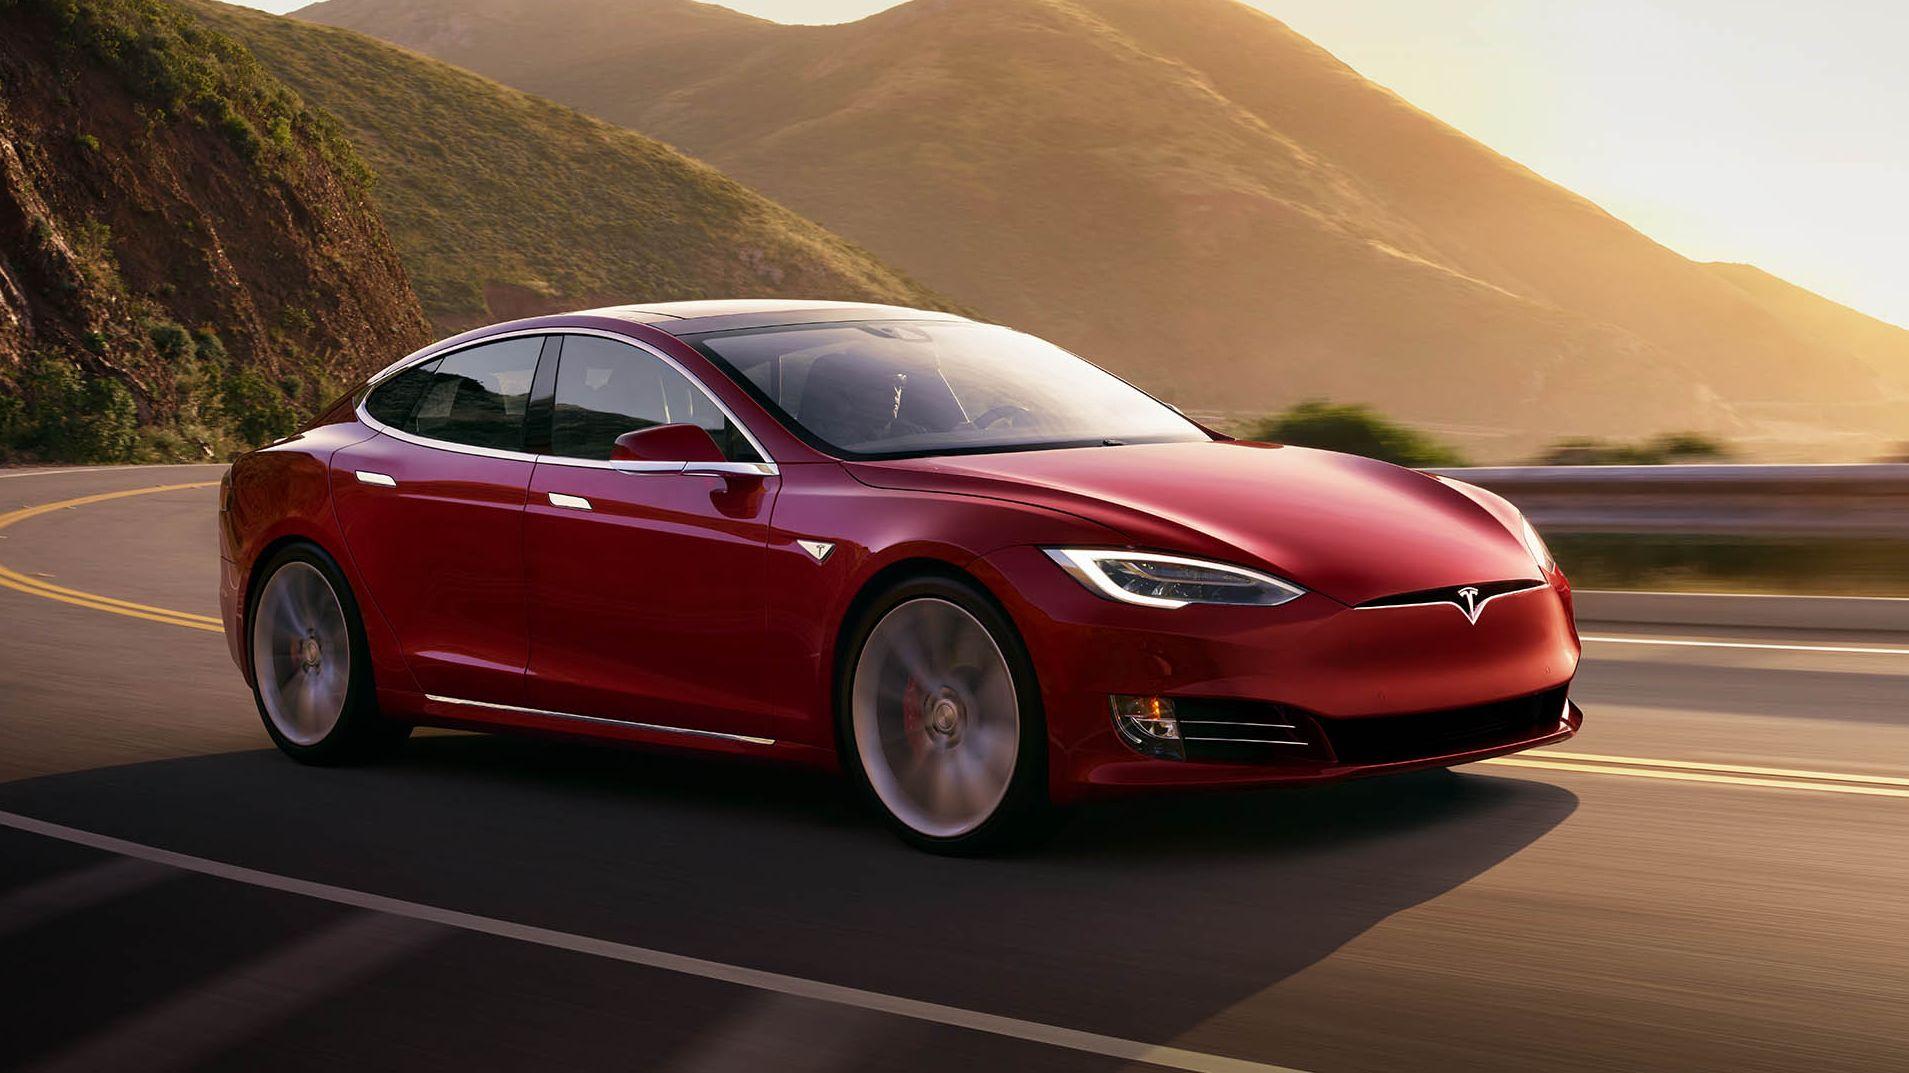 Tesla Model S : bientôt les 645 km d'autonomie selon Elon Musk